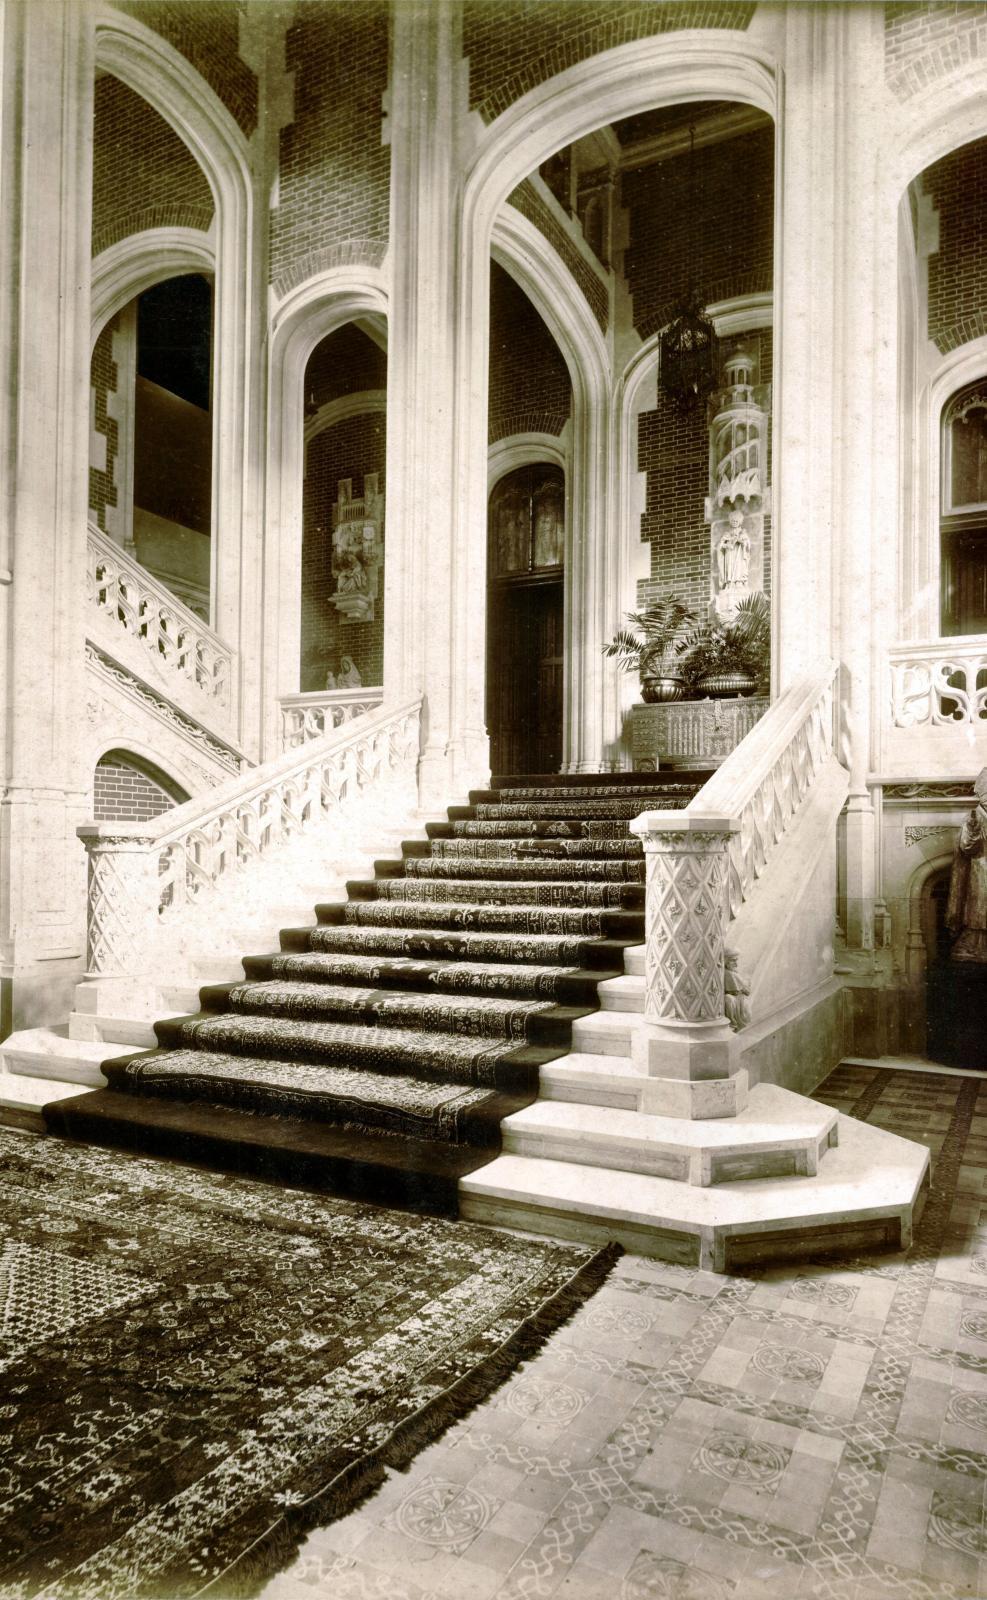 Escalier d'honneur, vers 1890.